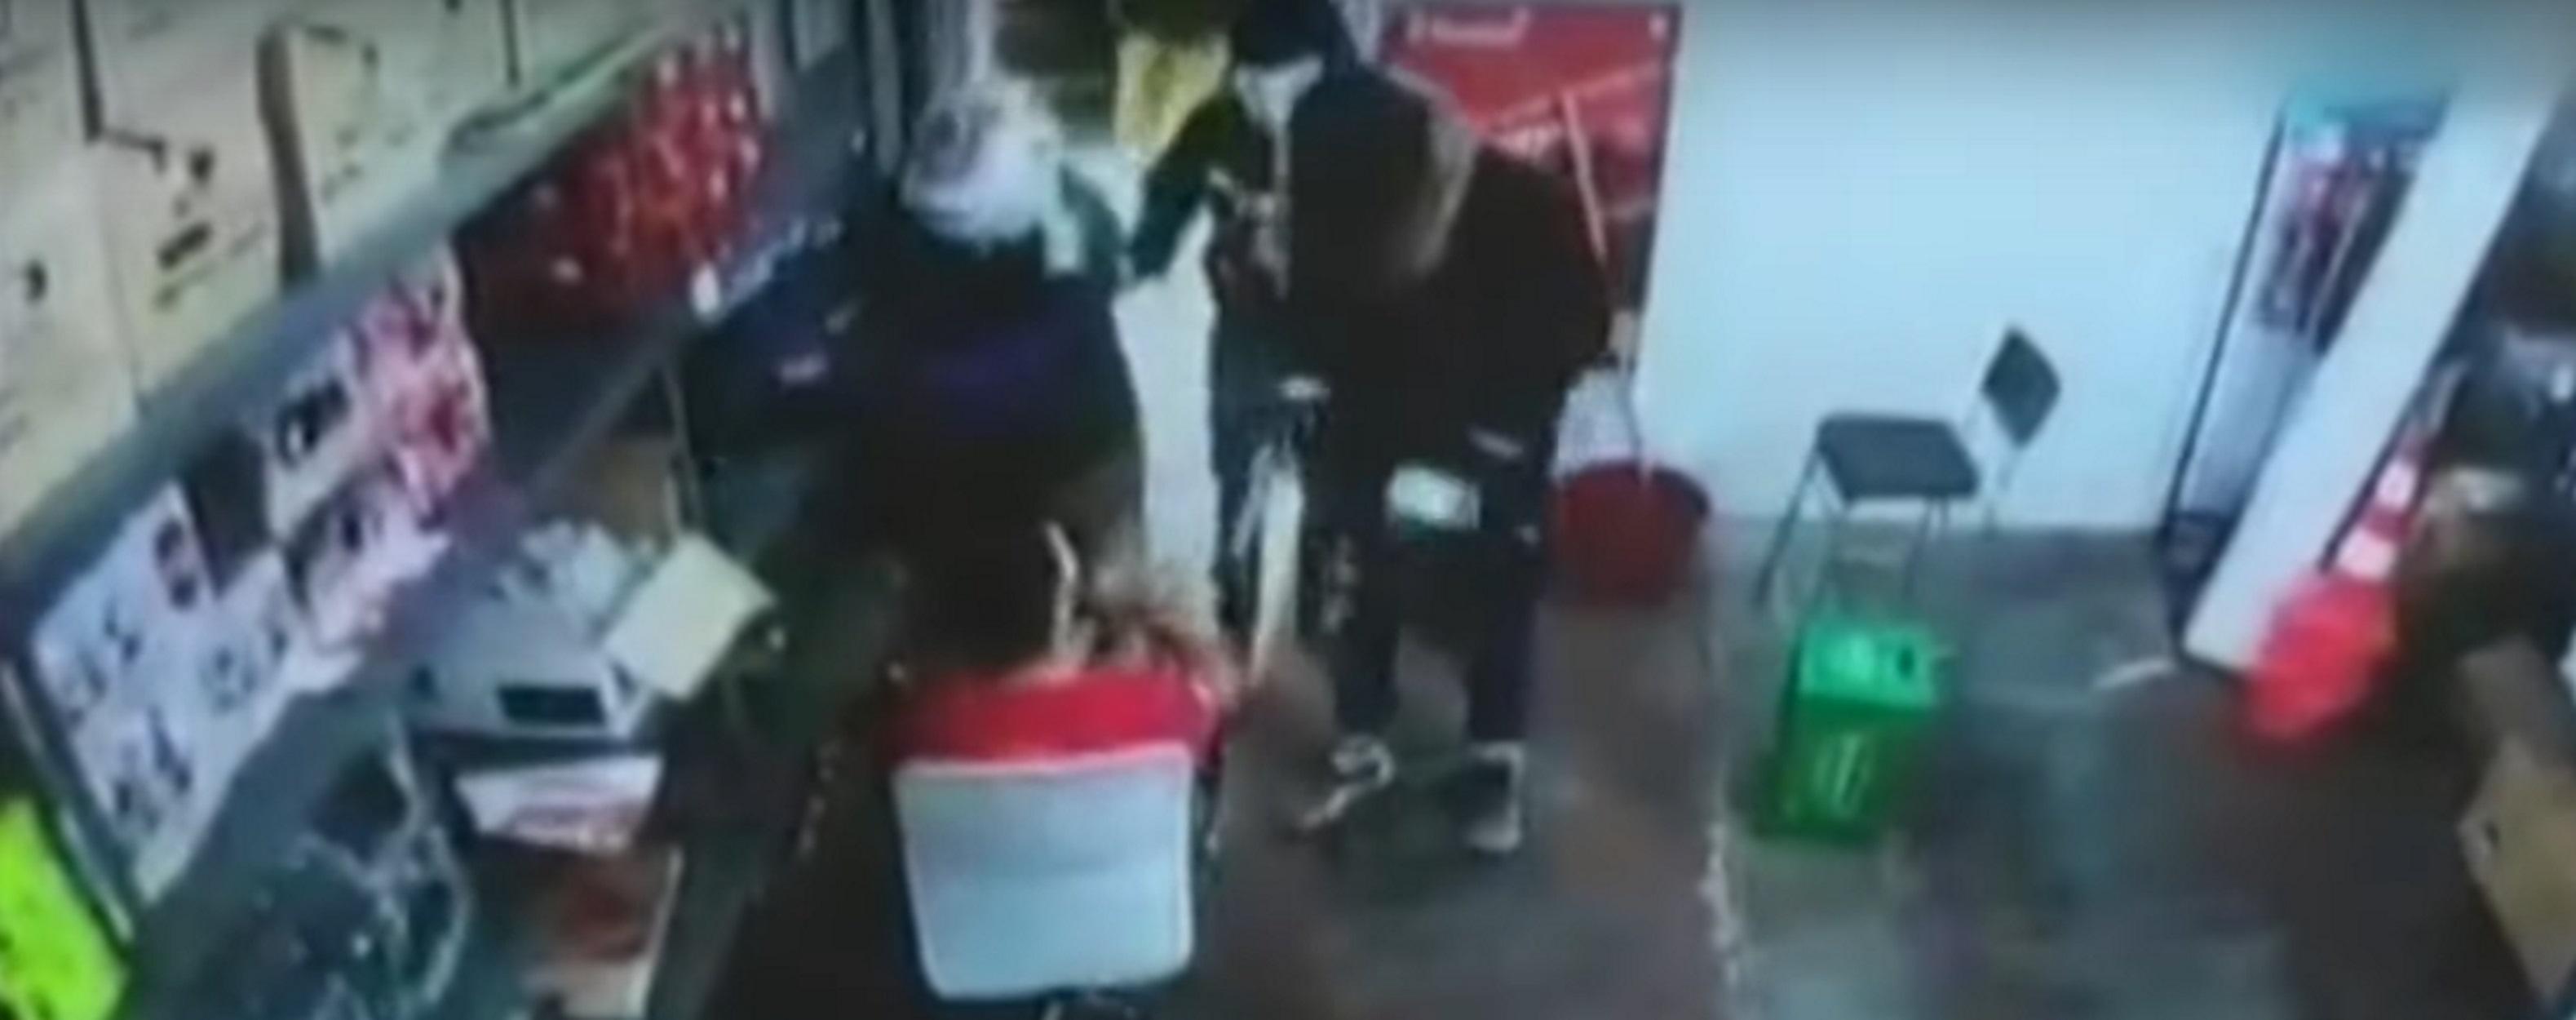 Καρέ – καρέ η ληστεία βενζινάδικου στη Μεταμόρφωση! video